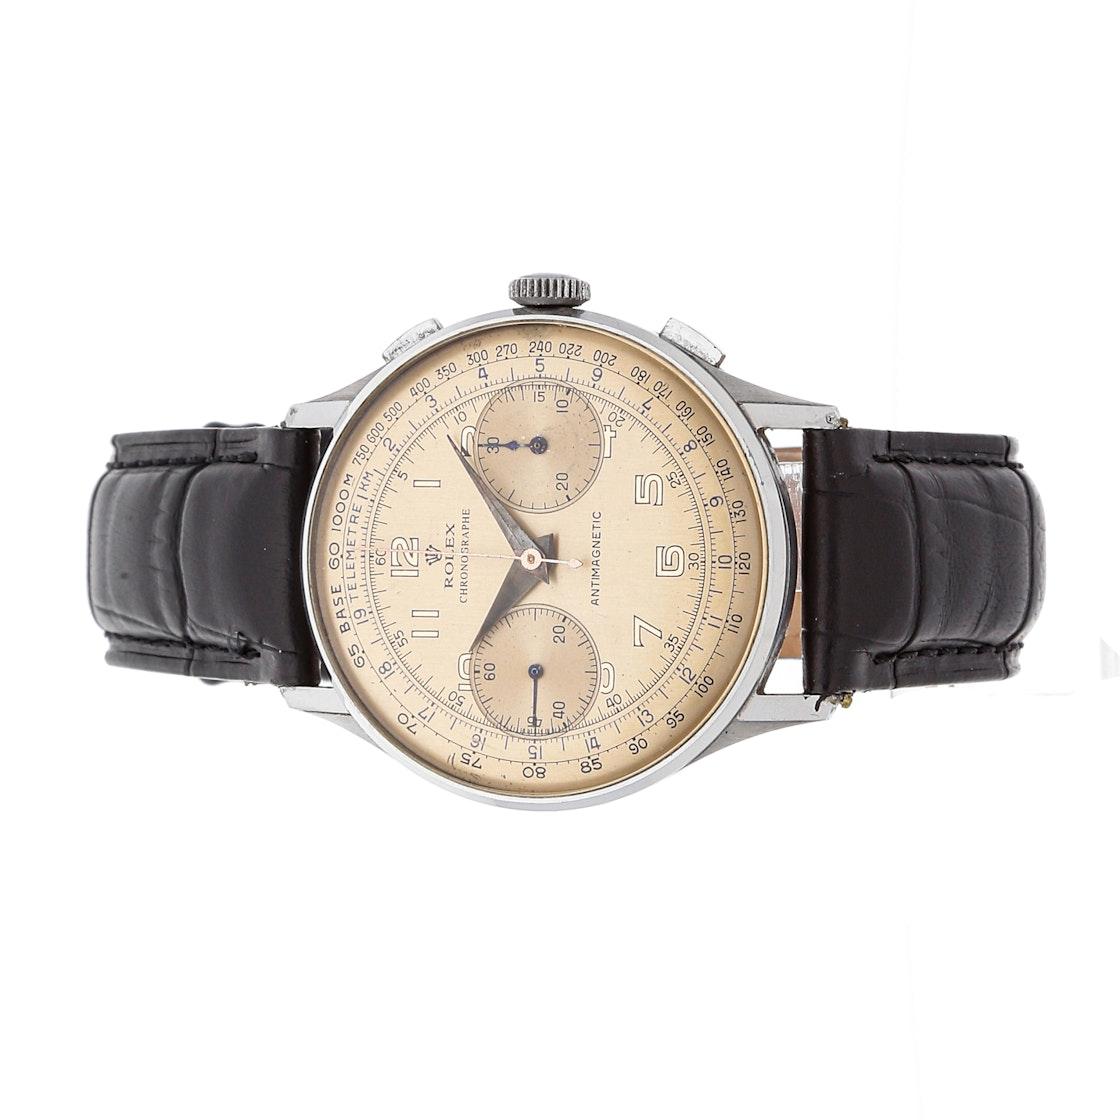 Rolex Vintage Chronograph 3834